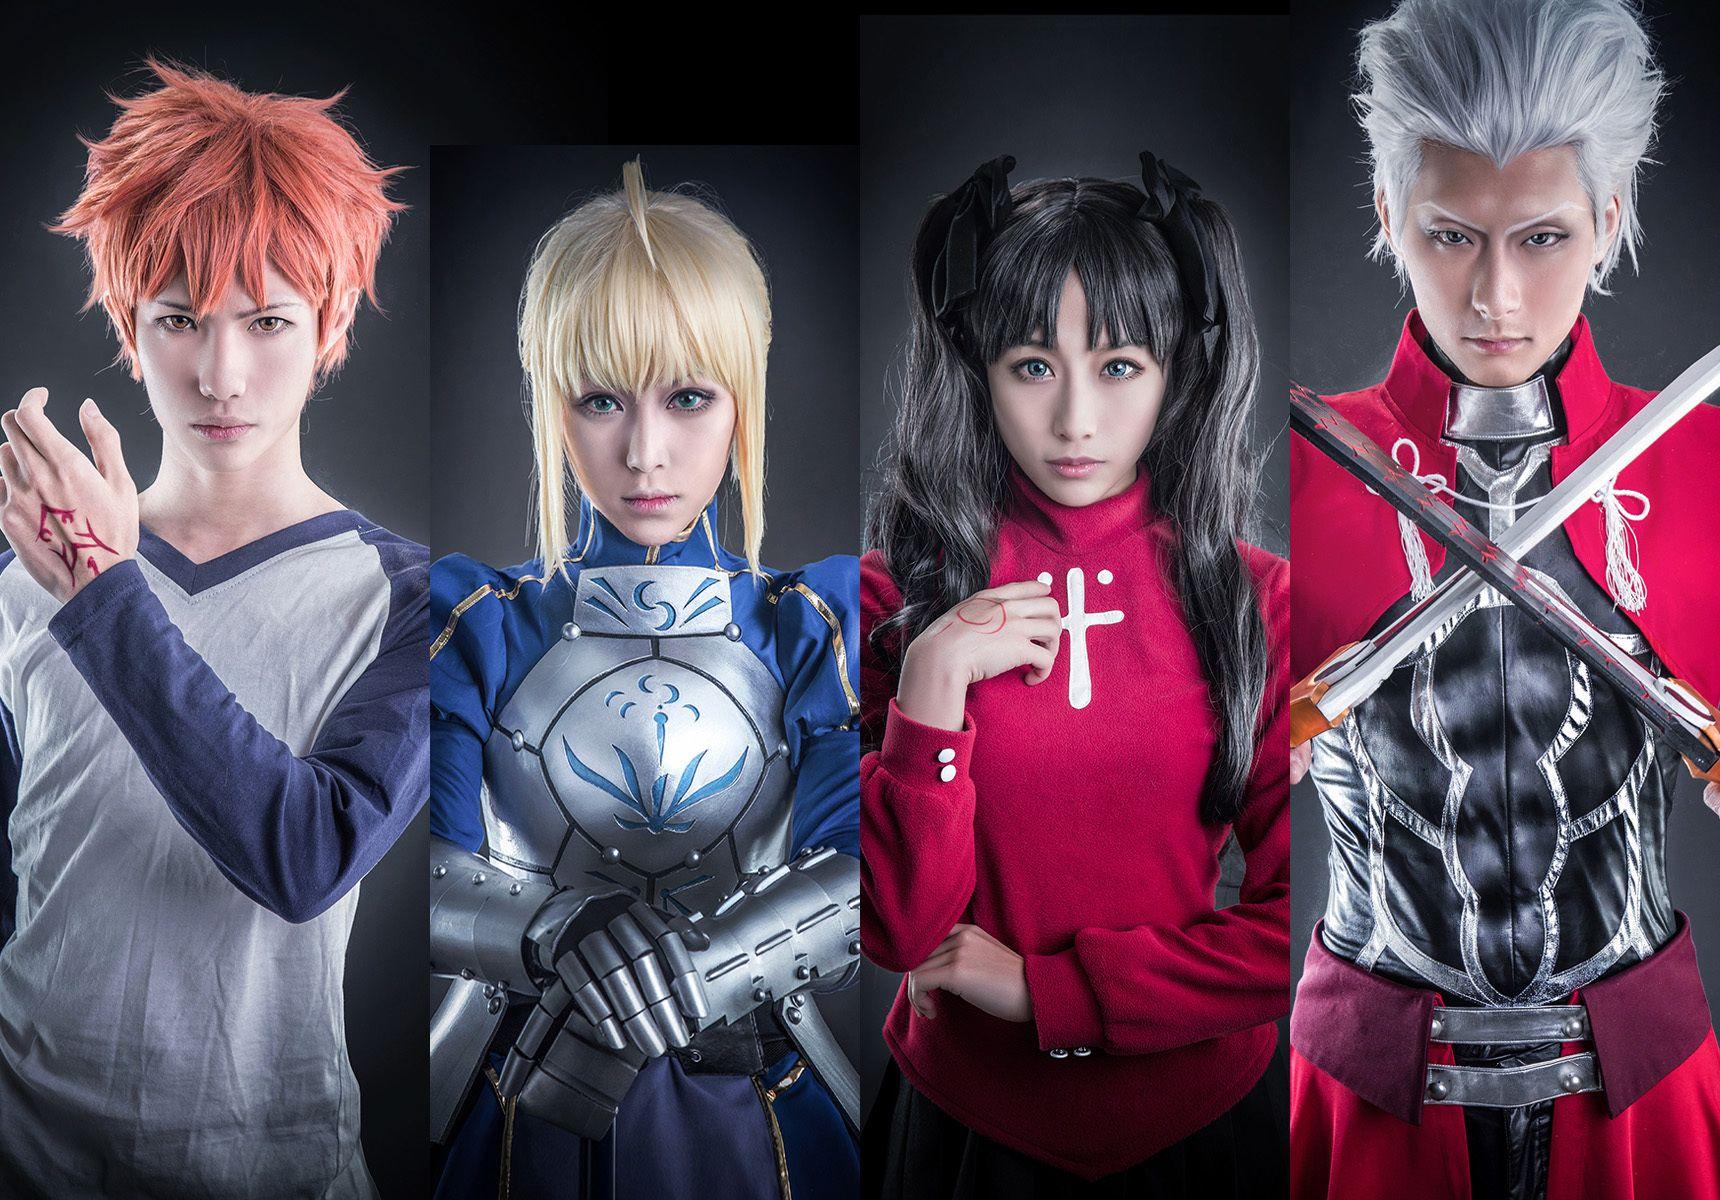 LALAax Cosplay characters, Cosplay, Rin cosplay